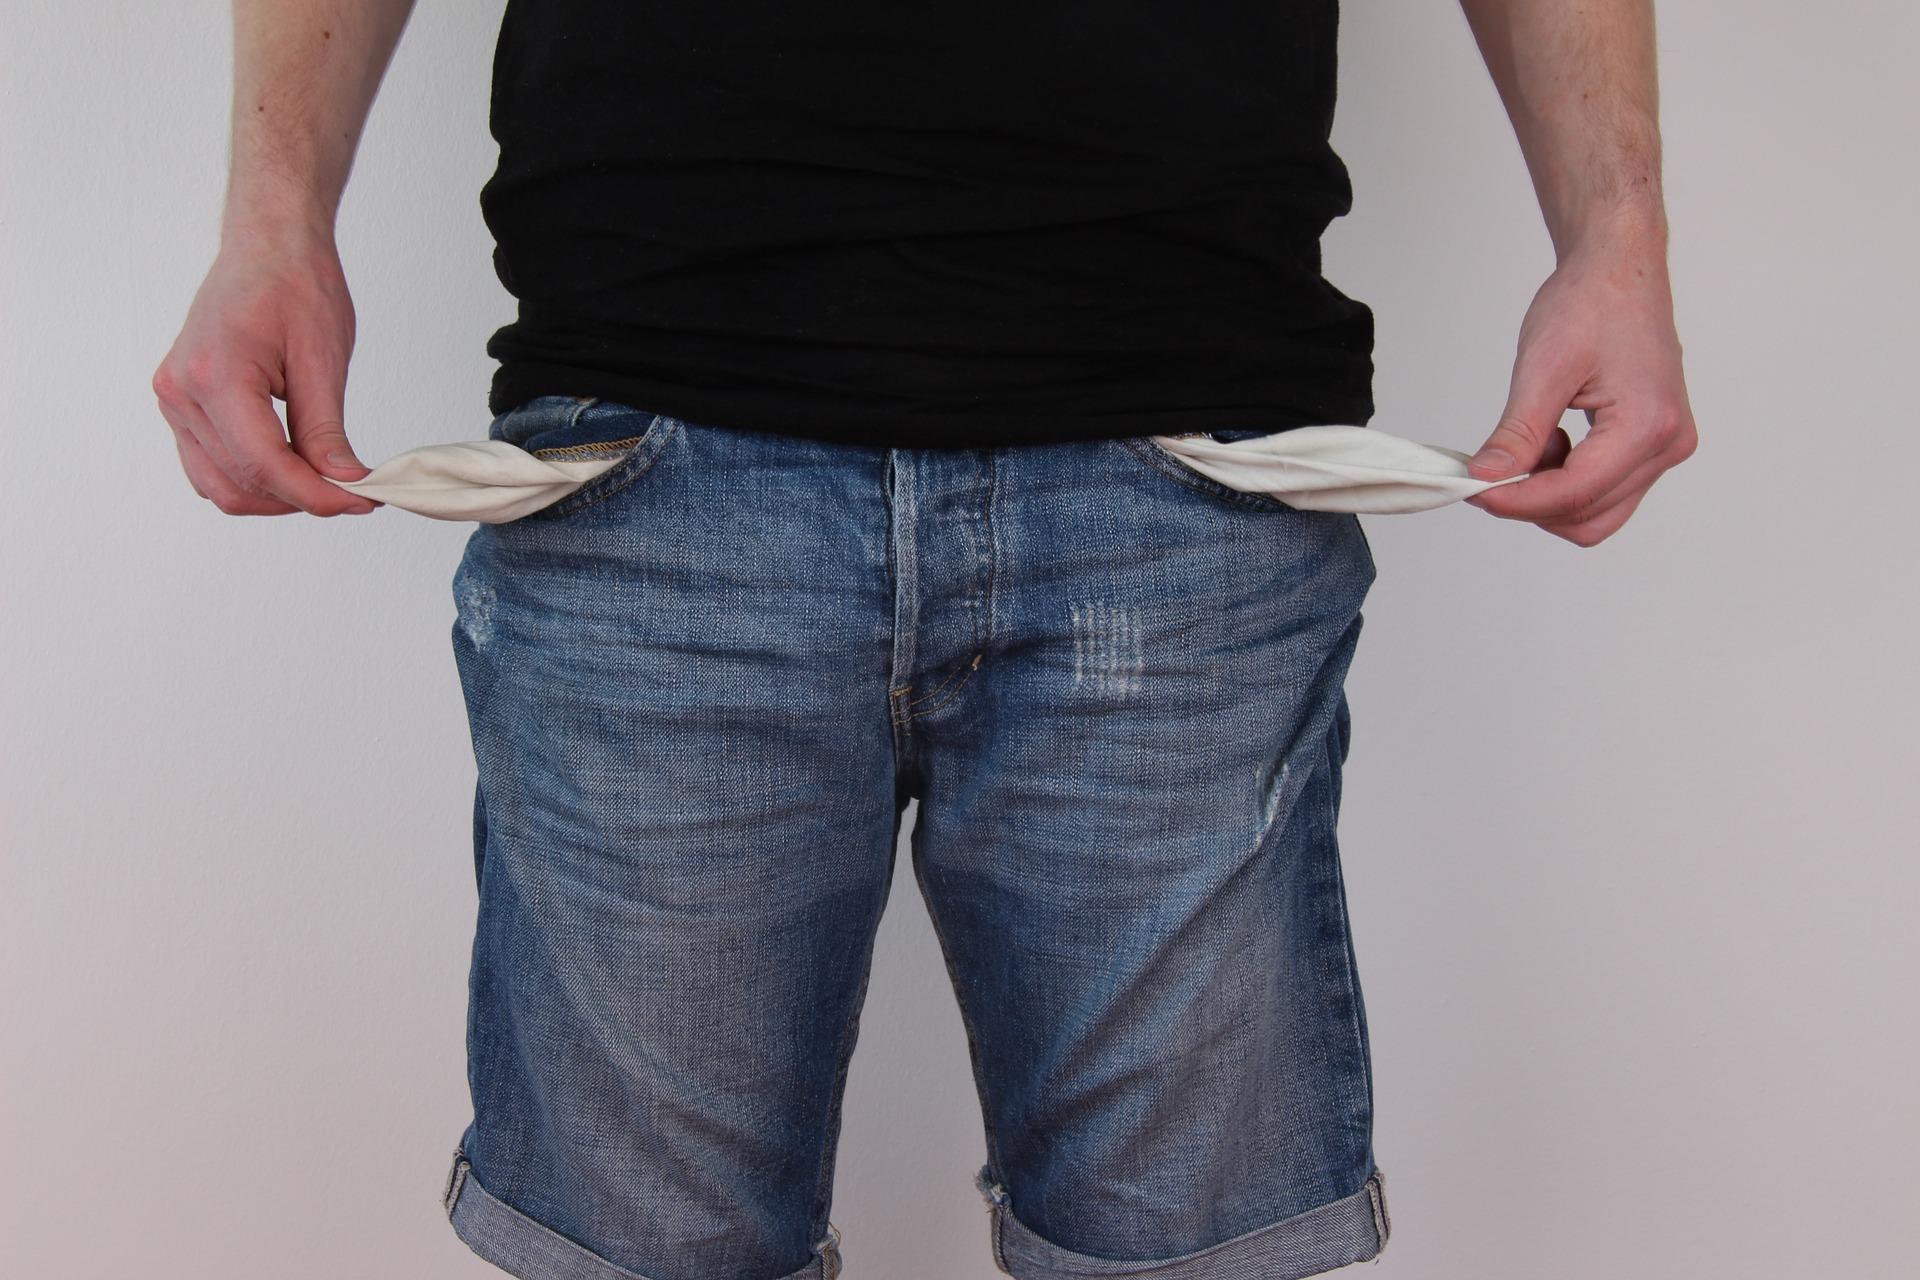 Como hacer Ministerio cuando no tienes Dinero